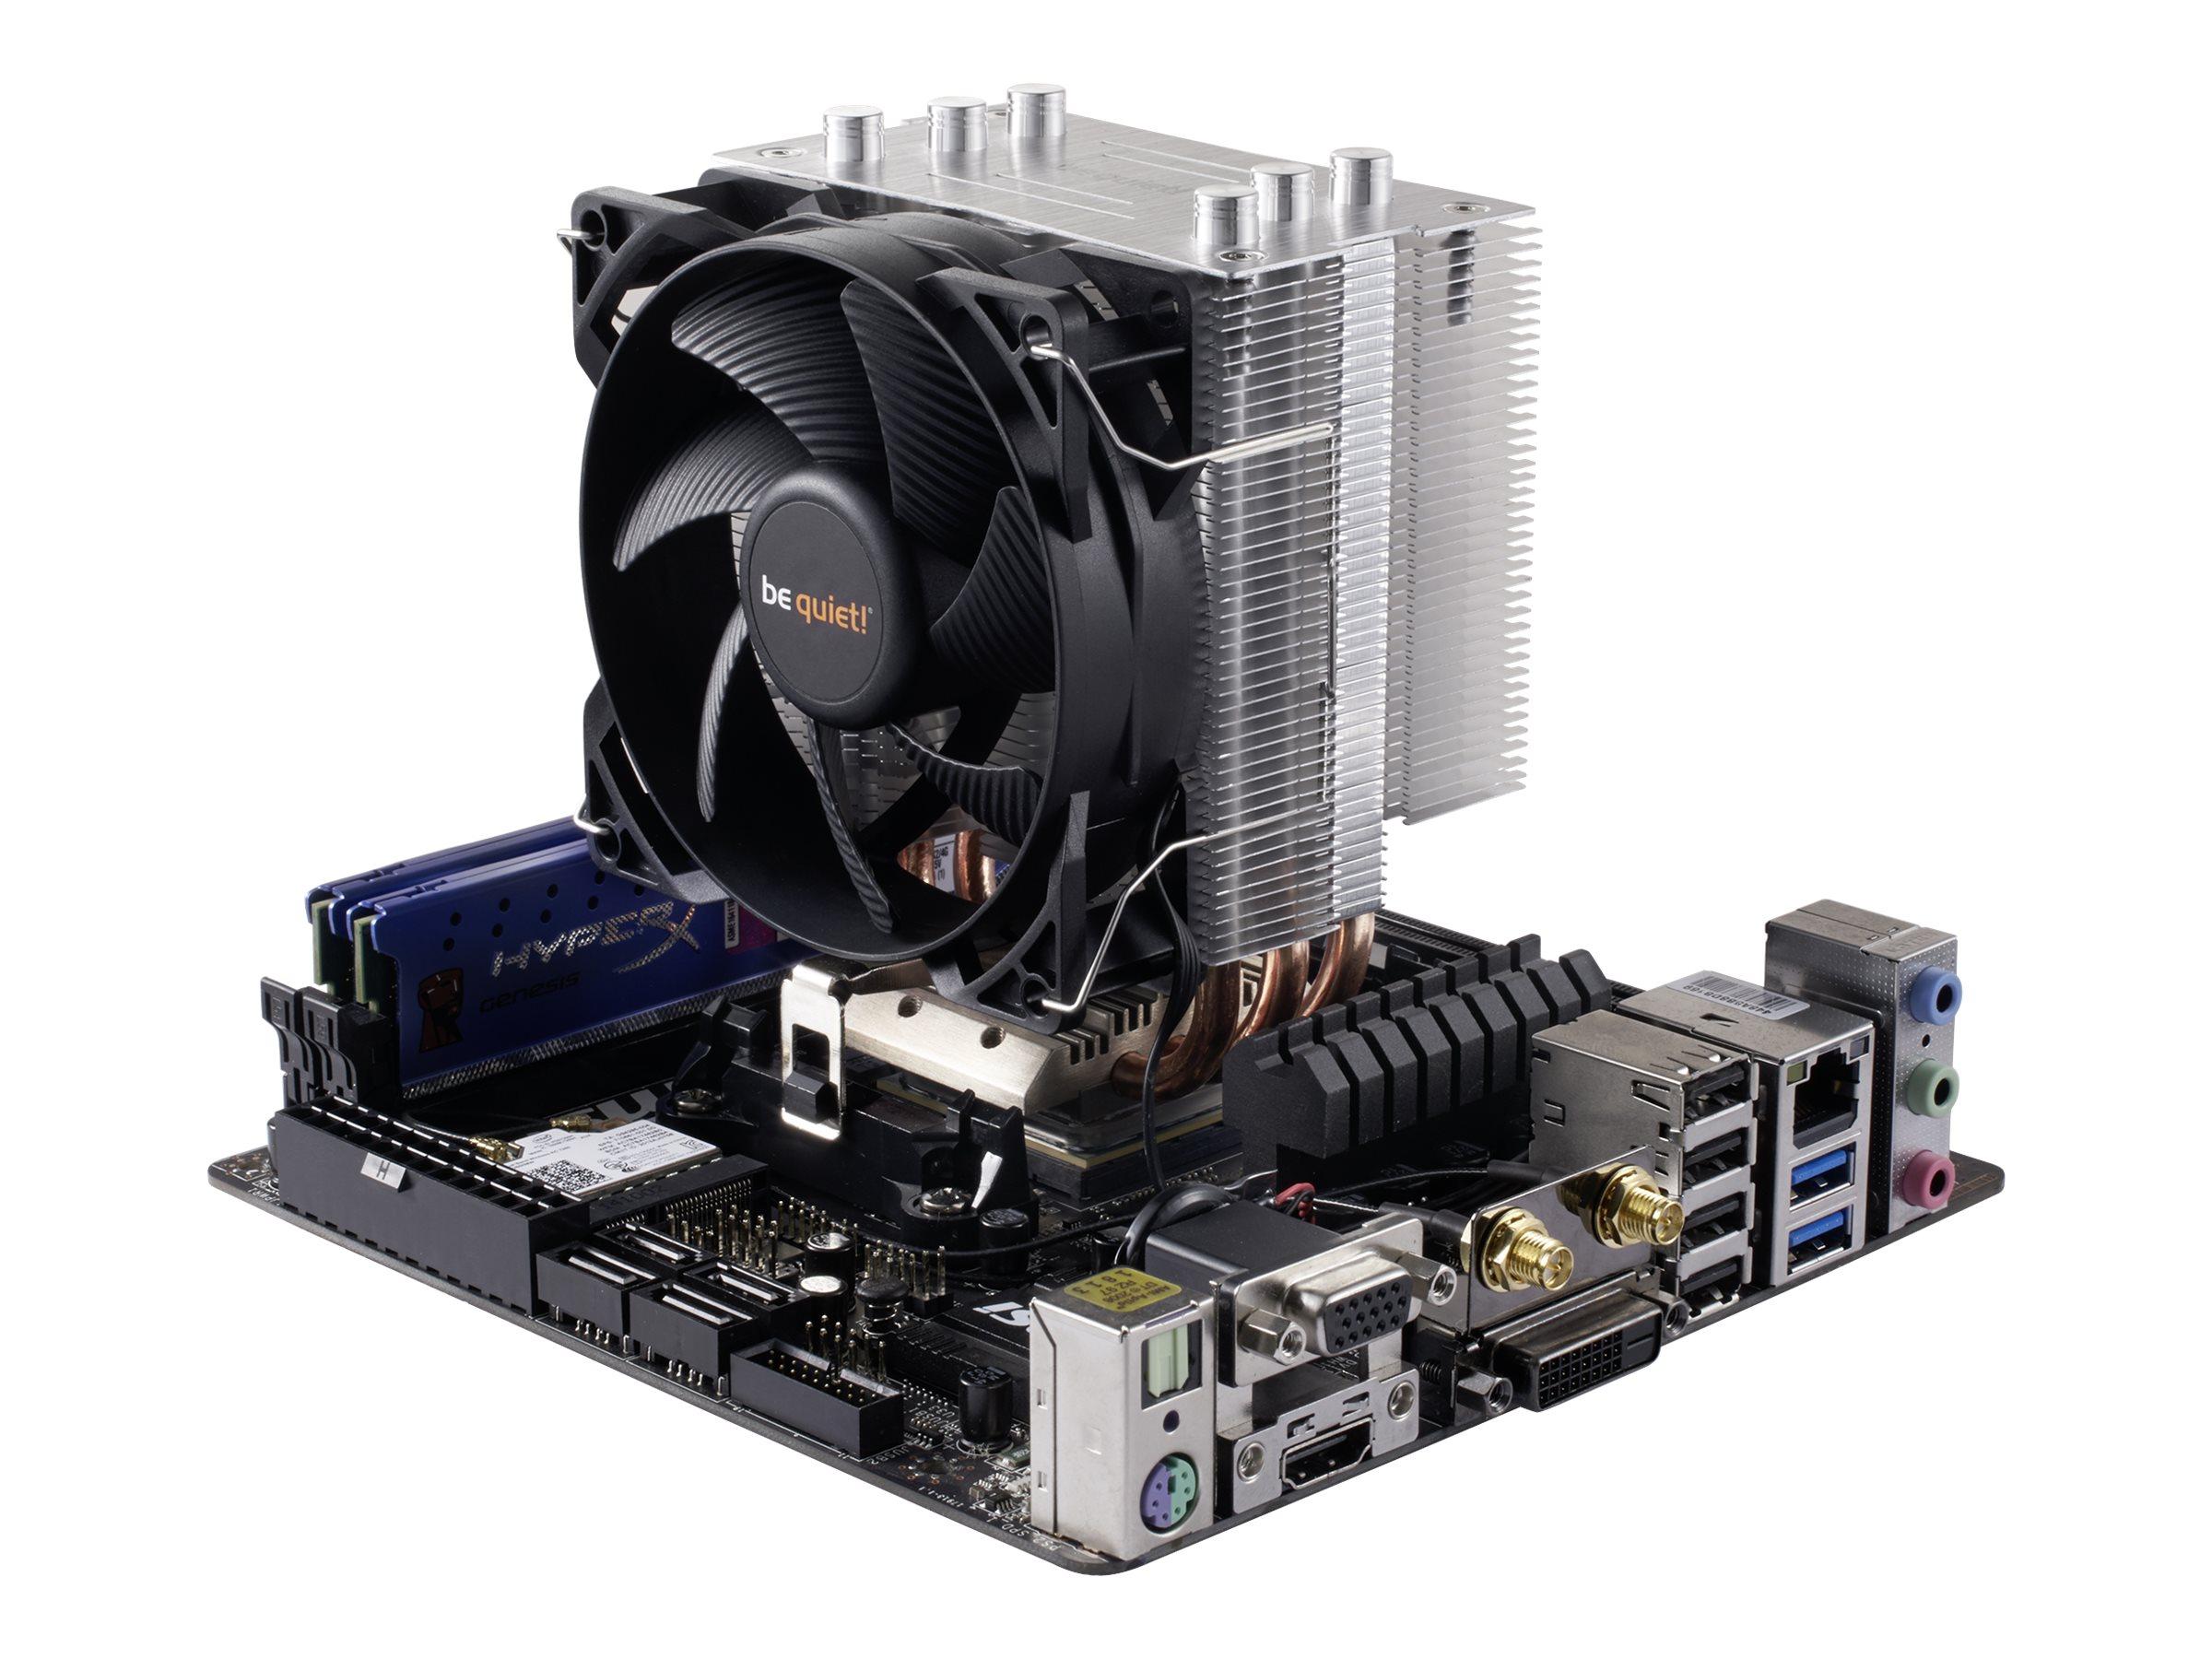 Be Quiet! Pure Rock Slim - Prozessor-Luftkühler - (für: LGA1156, AM2, AM2+, AM3, LGA1155, AM3+, FM1, FM2, LGA1150, FM2+, LGA1151)